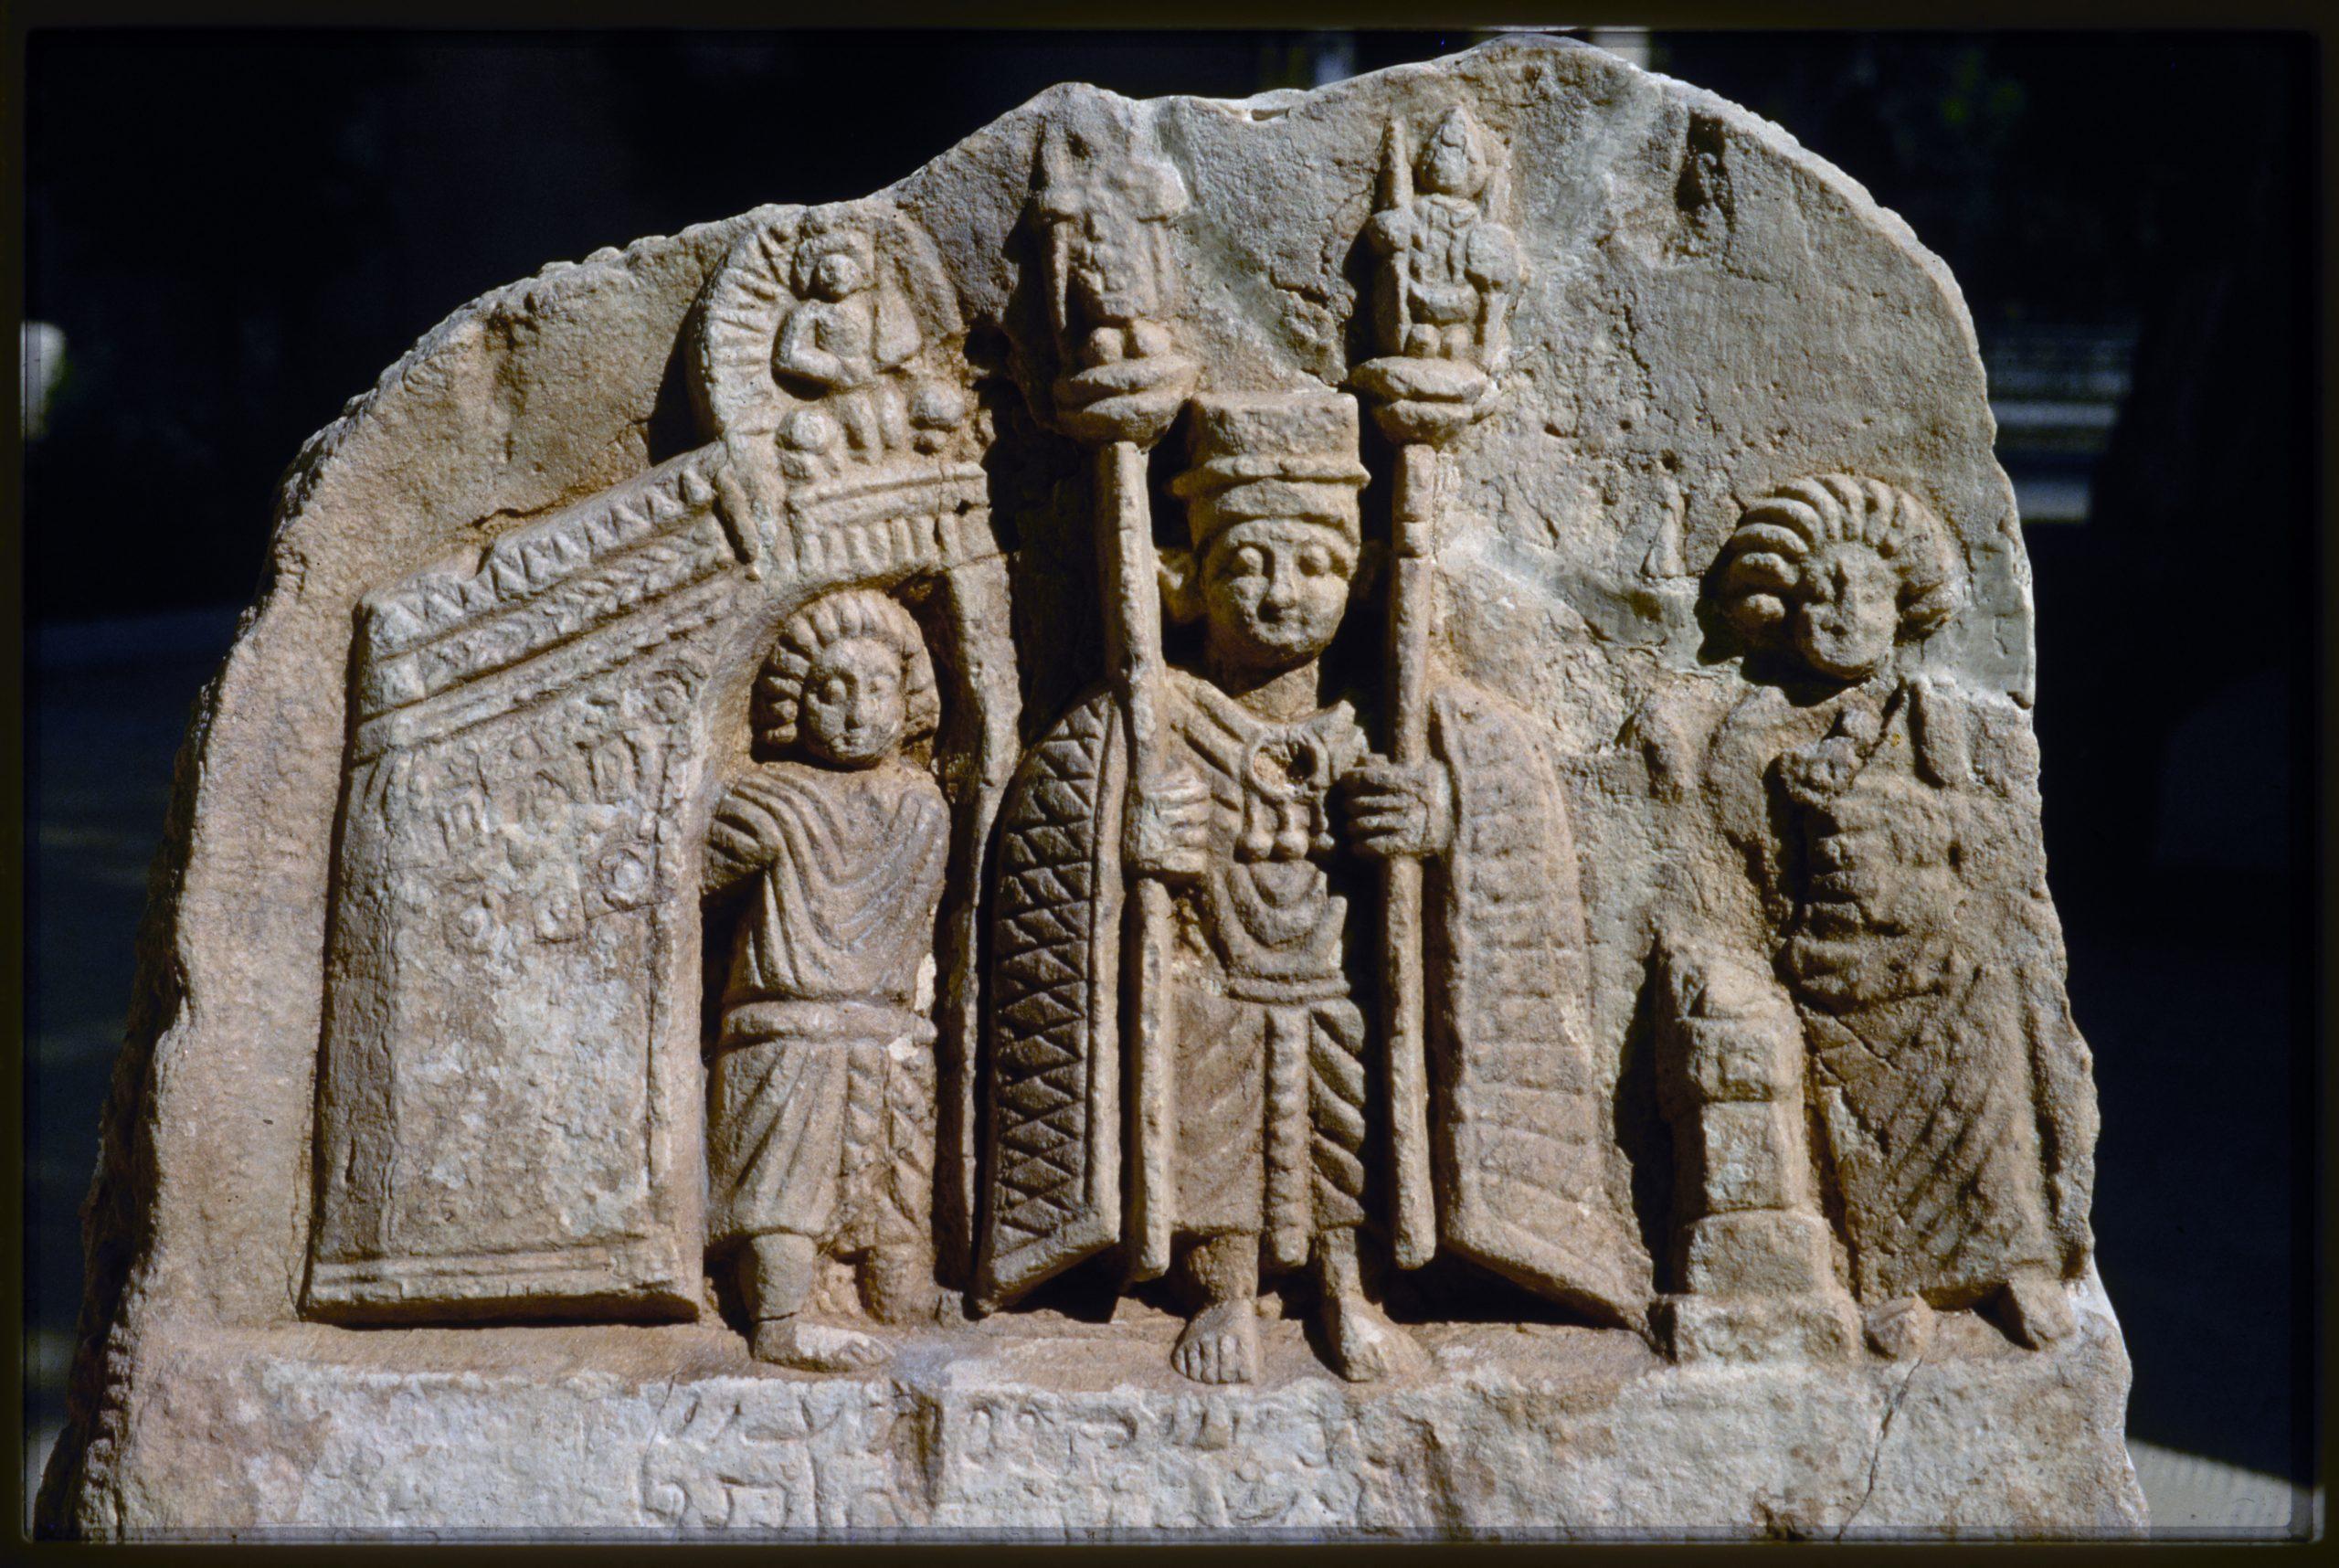 Bas-relief votif de type palmyrénien trouvé lors des fouilles de la maison sud, secteur M5.